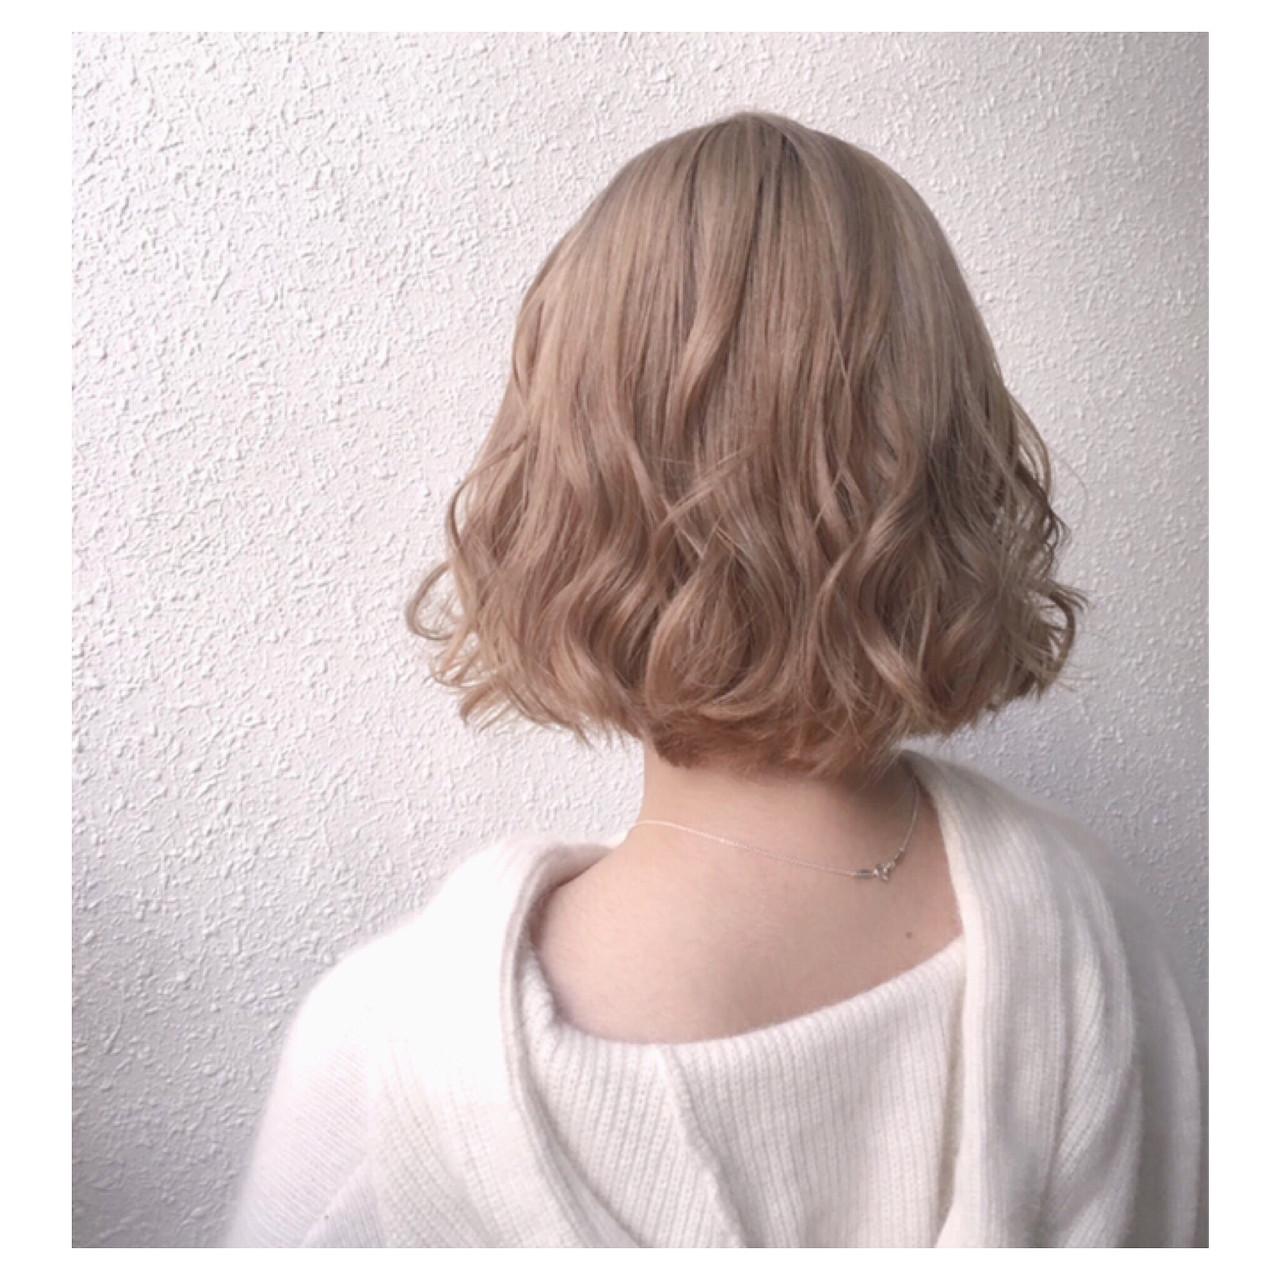 ベージュ ナチュラル バレイヤージュ ハイトーン ヘアスタイルや髪型の写真・画像 | 泉 かえで / cheery